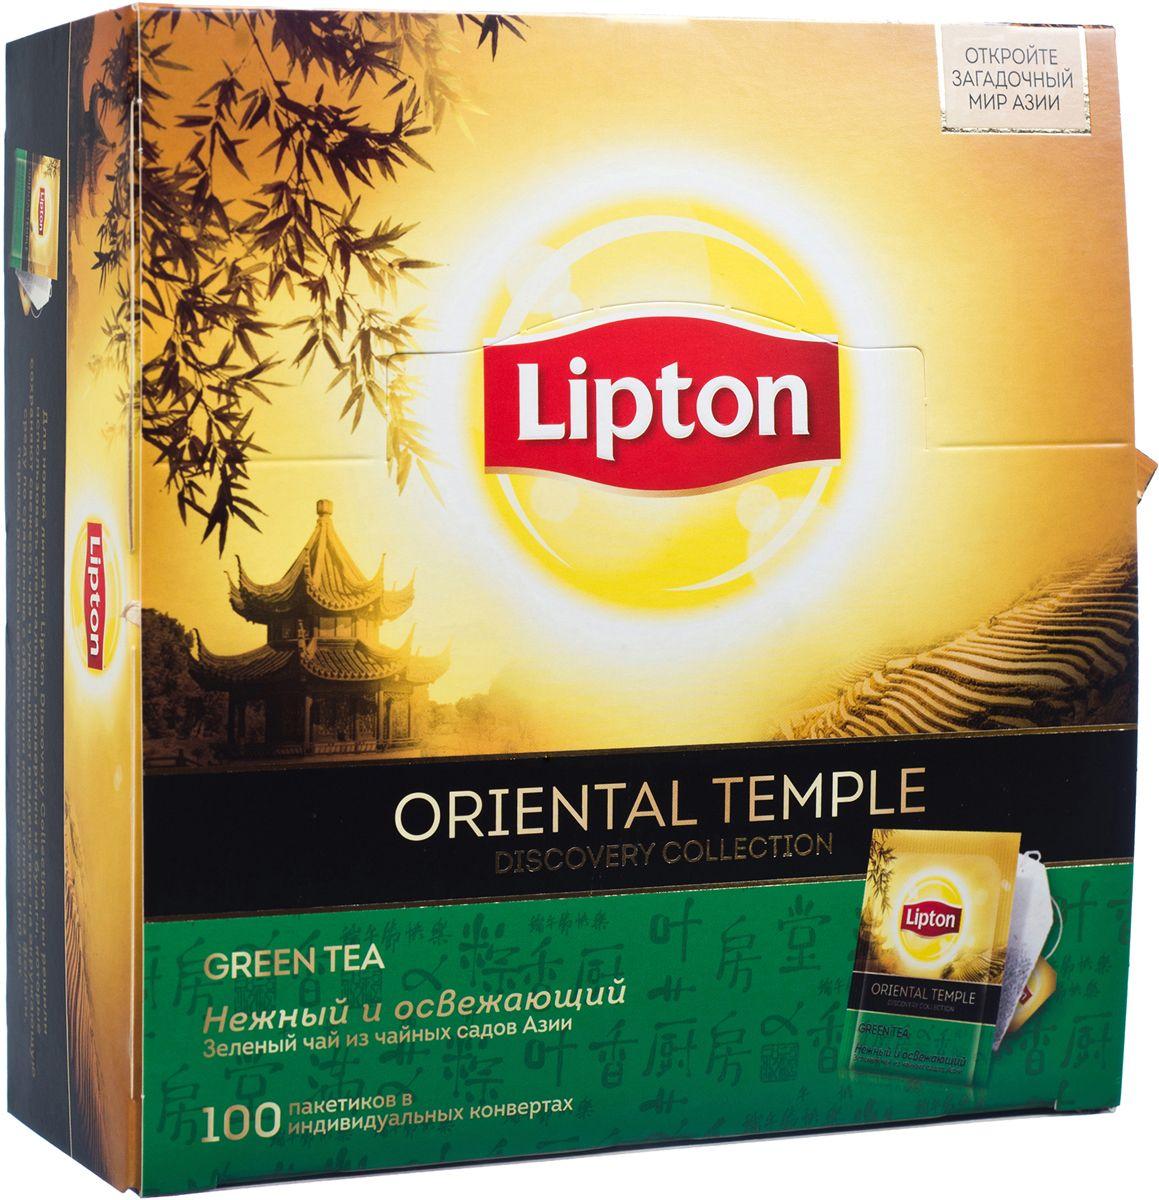 Lipton Зеленый чай Oriental Temple 100 шт21187770Lipton Oriental Temple - деликатный и освежающий зеленый байховый чай. Он имеет лёгкий цветочный аромат, приятный, а также нежный, слегка терпковатый вкус. Этот классический зеленый чай откроет вам загадочный мир Азии и подарит мгновенье безмятежности и спокойствия!